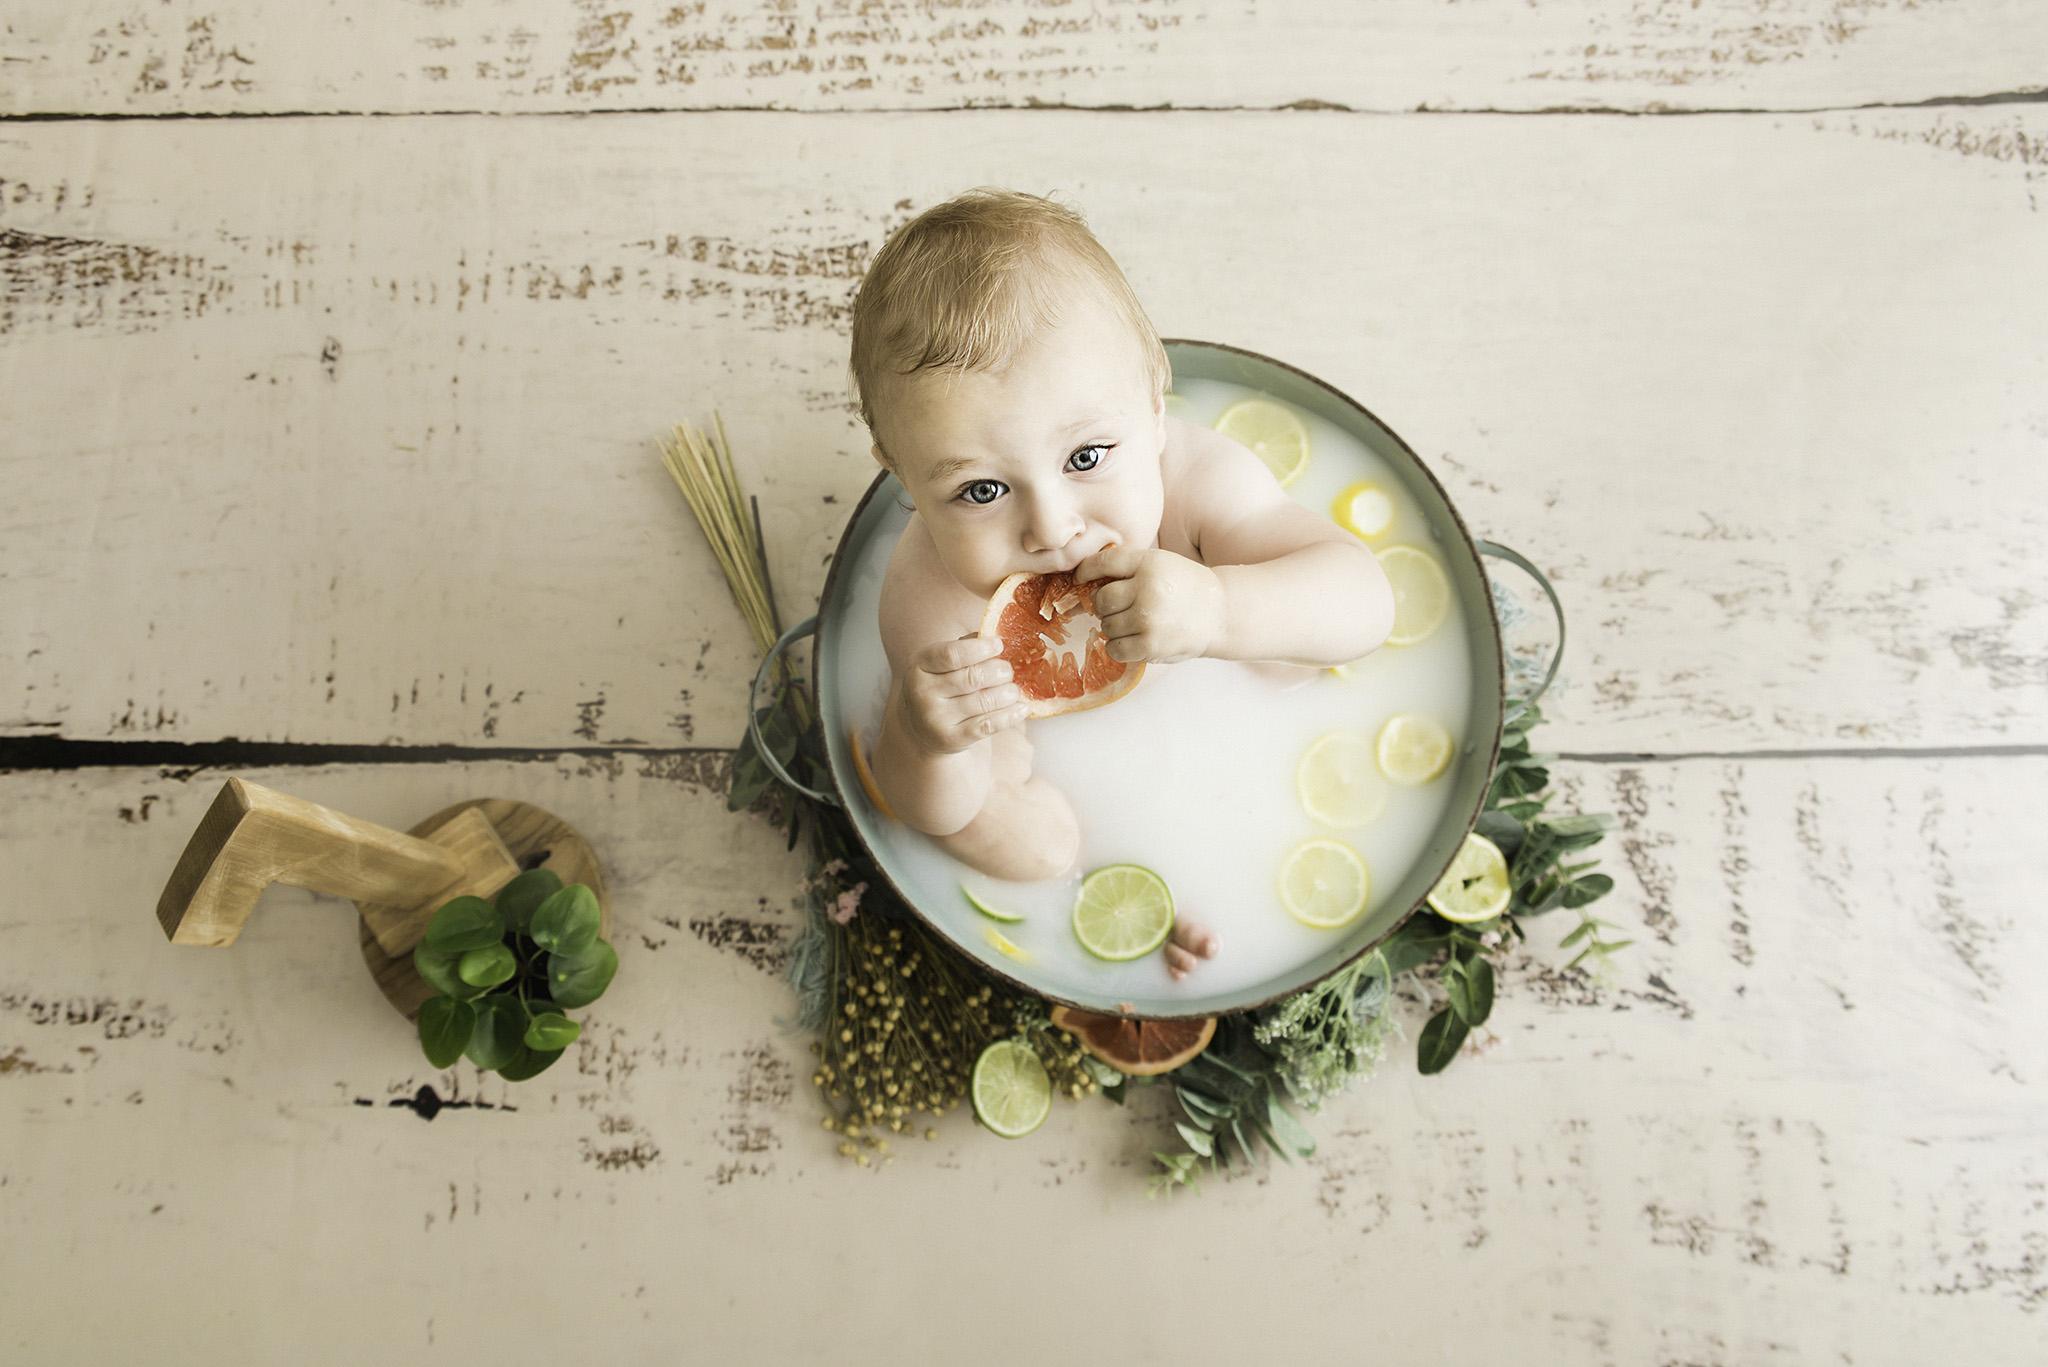 photographe bébé enfant en studio photo One Moment Photographie Lille